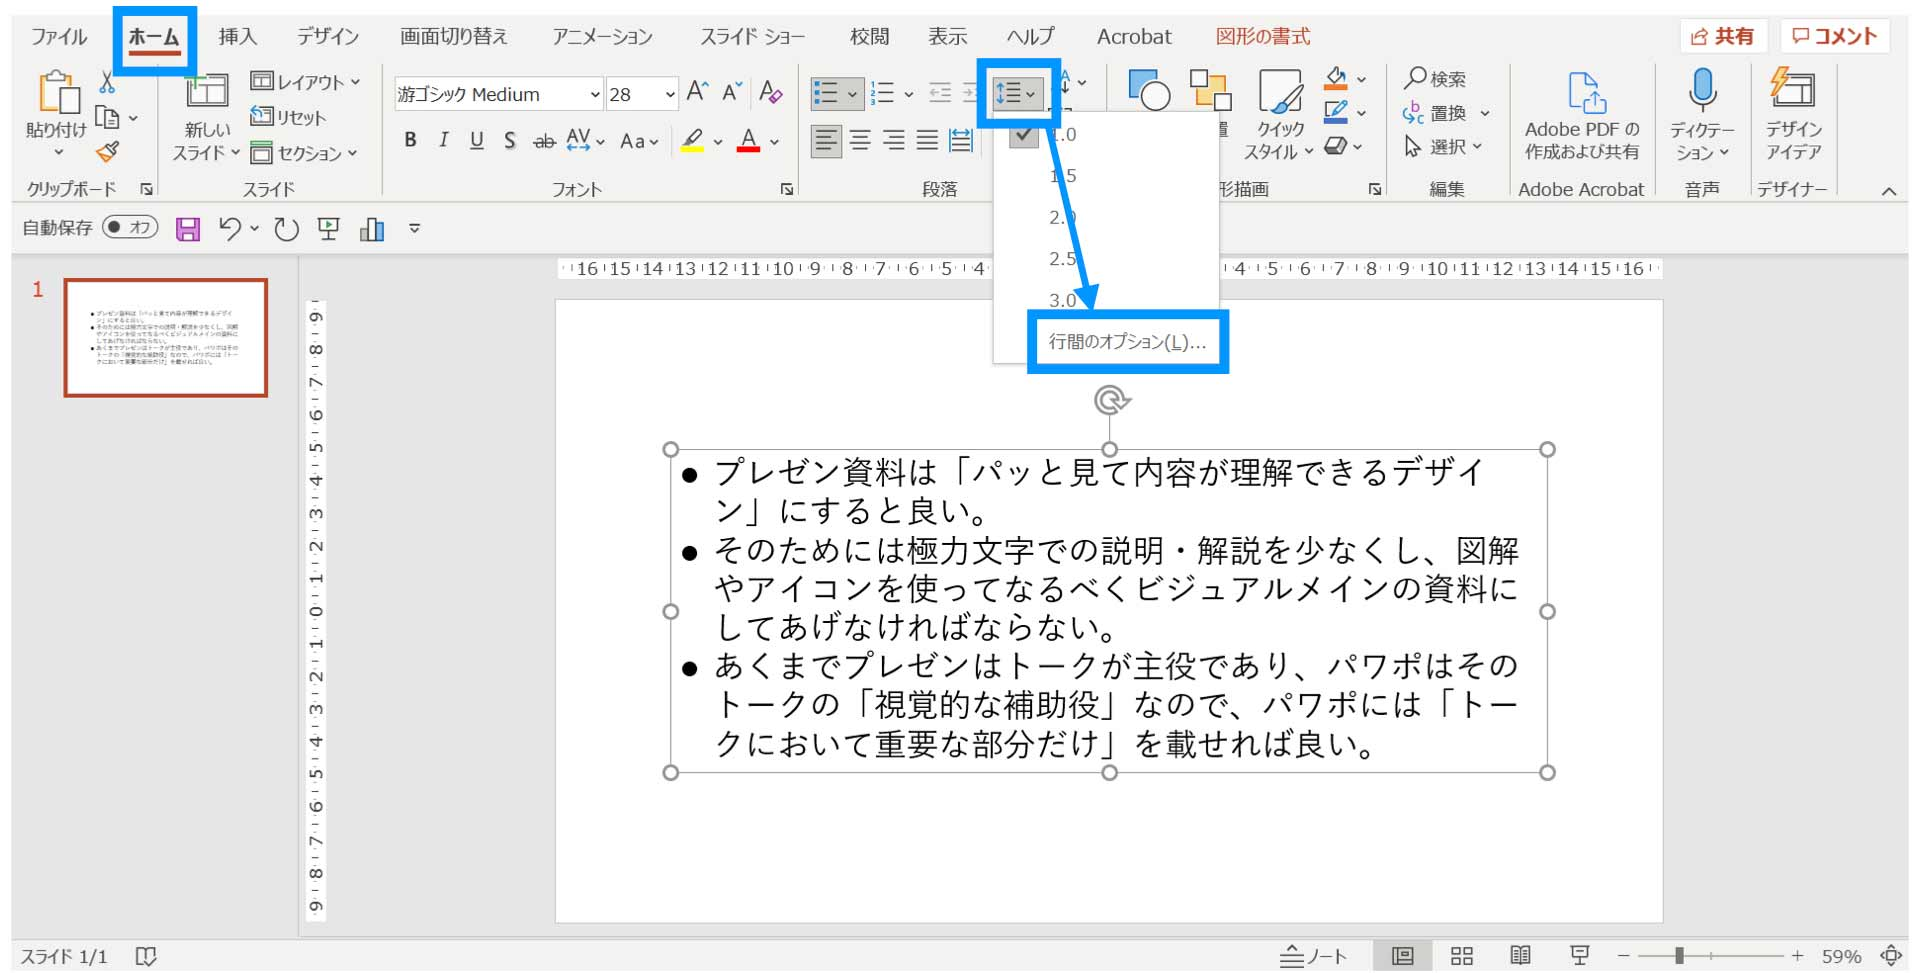 パワーポイント,PowerPoint,デザイン,箇条書き,使い方,行間